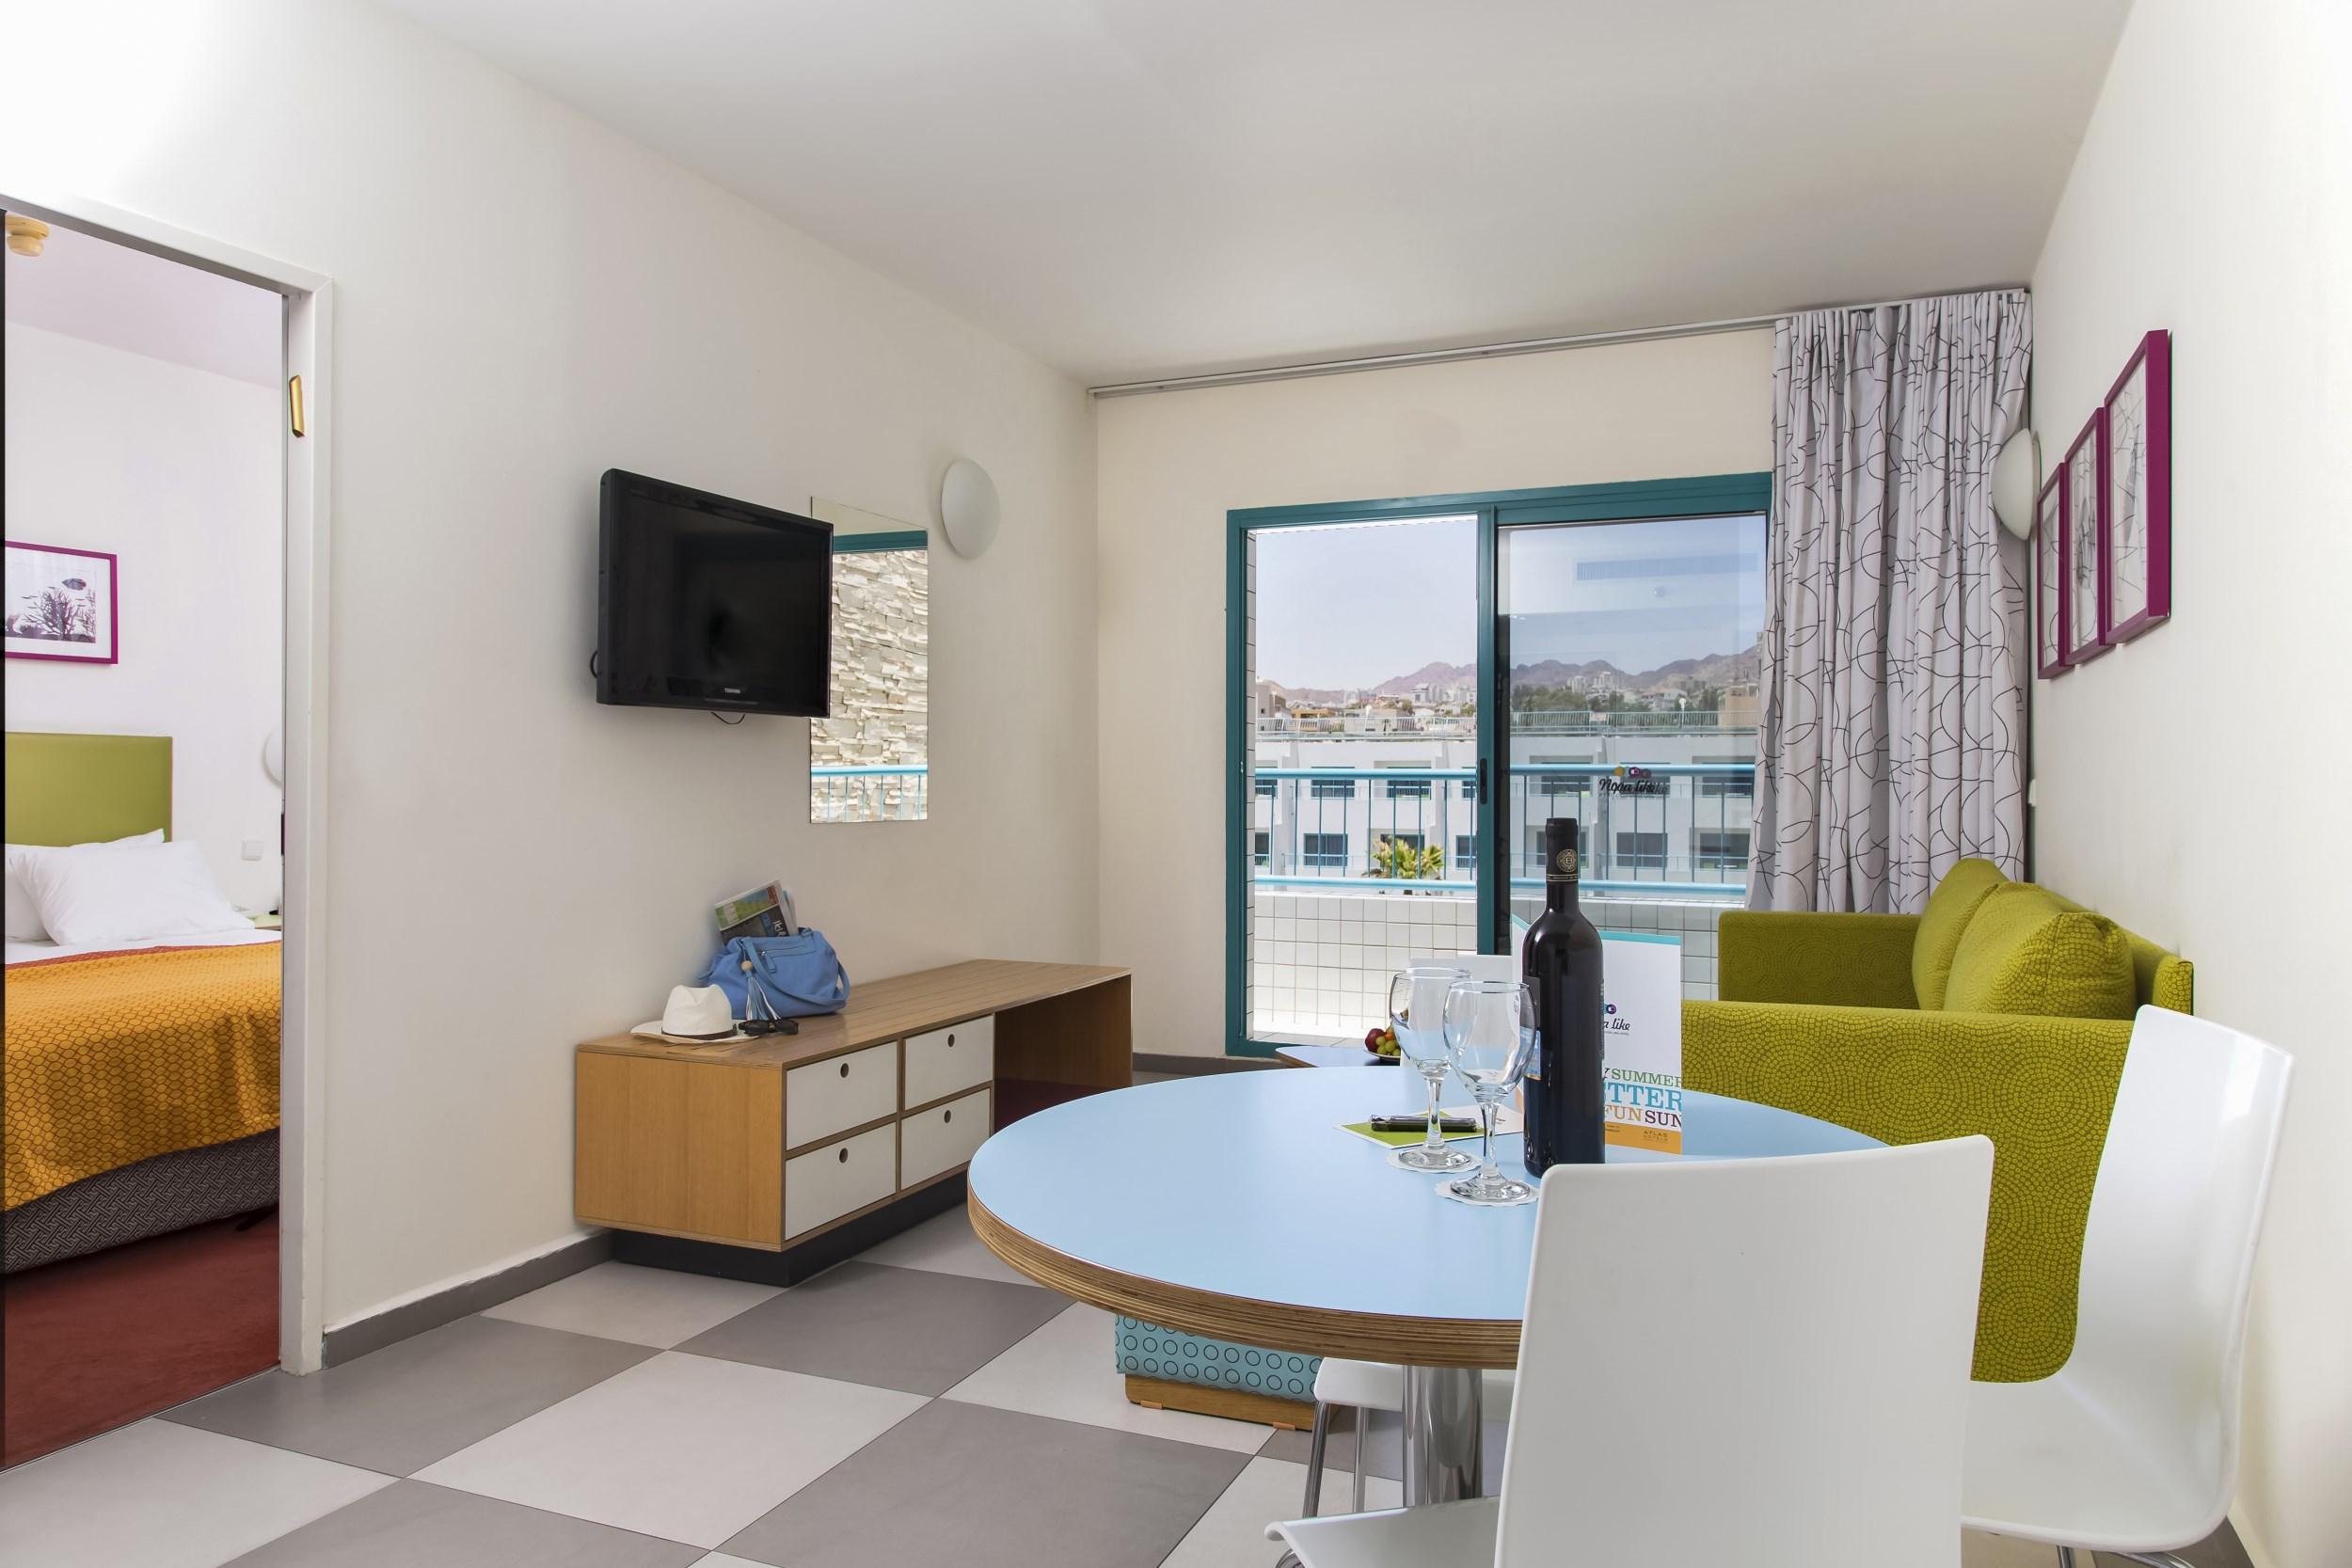 Suite (2 rooms)